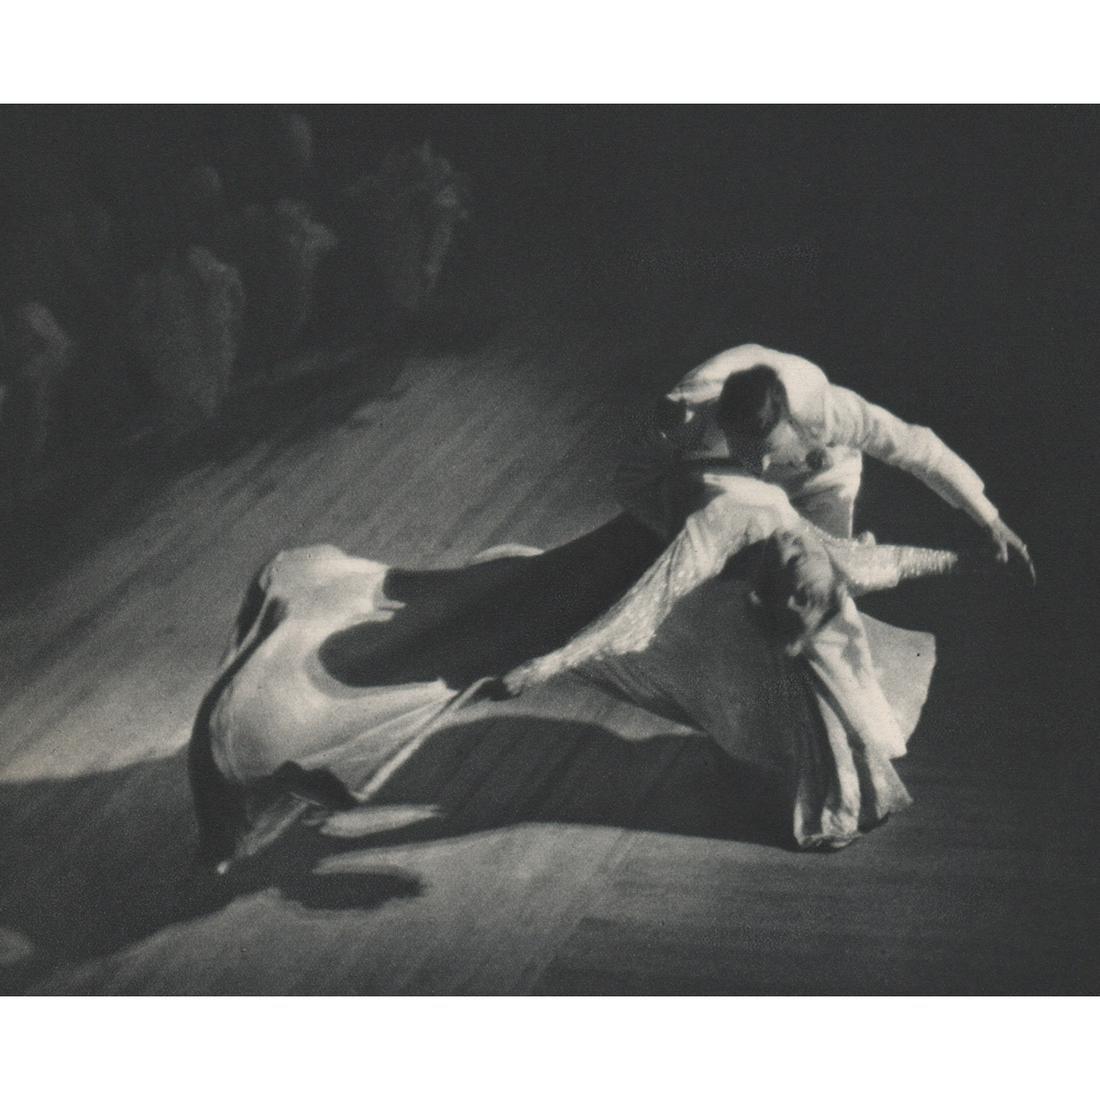 GRAY-O'REILLY - Dancers